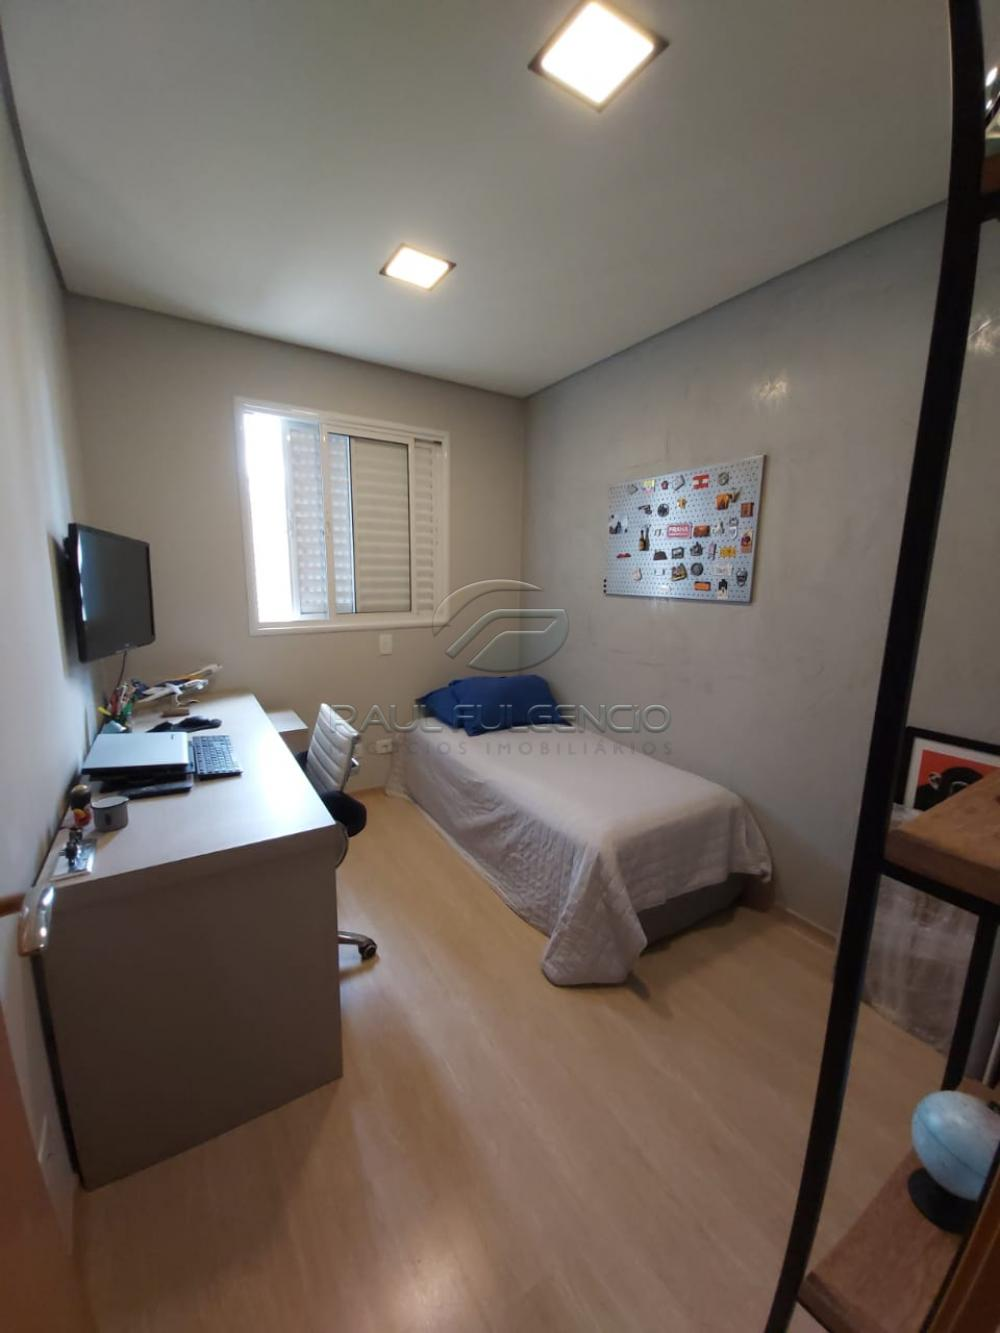 Comprar Apartamento / Padrão em Londrina apenas R$ 545.000,00 - Foto 18